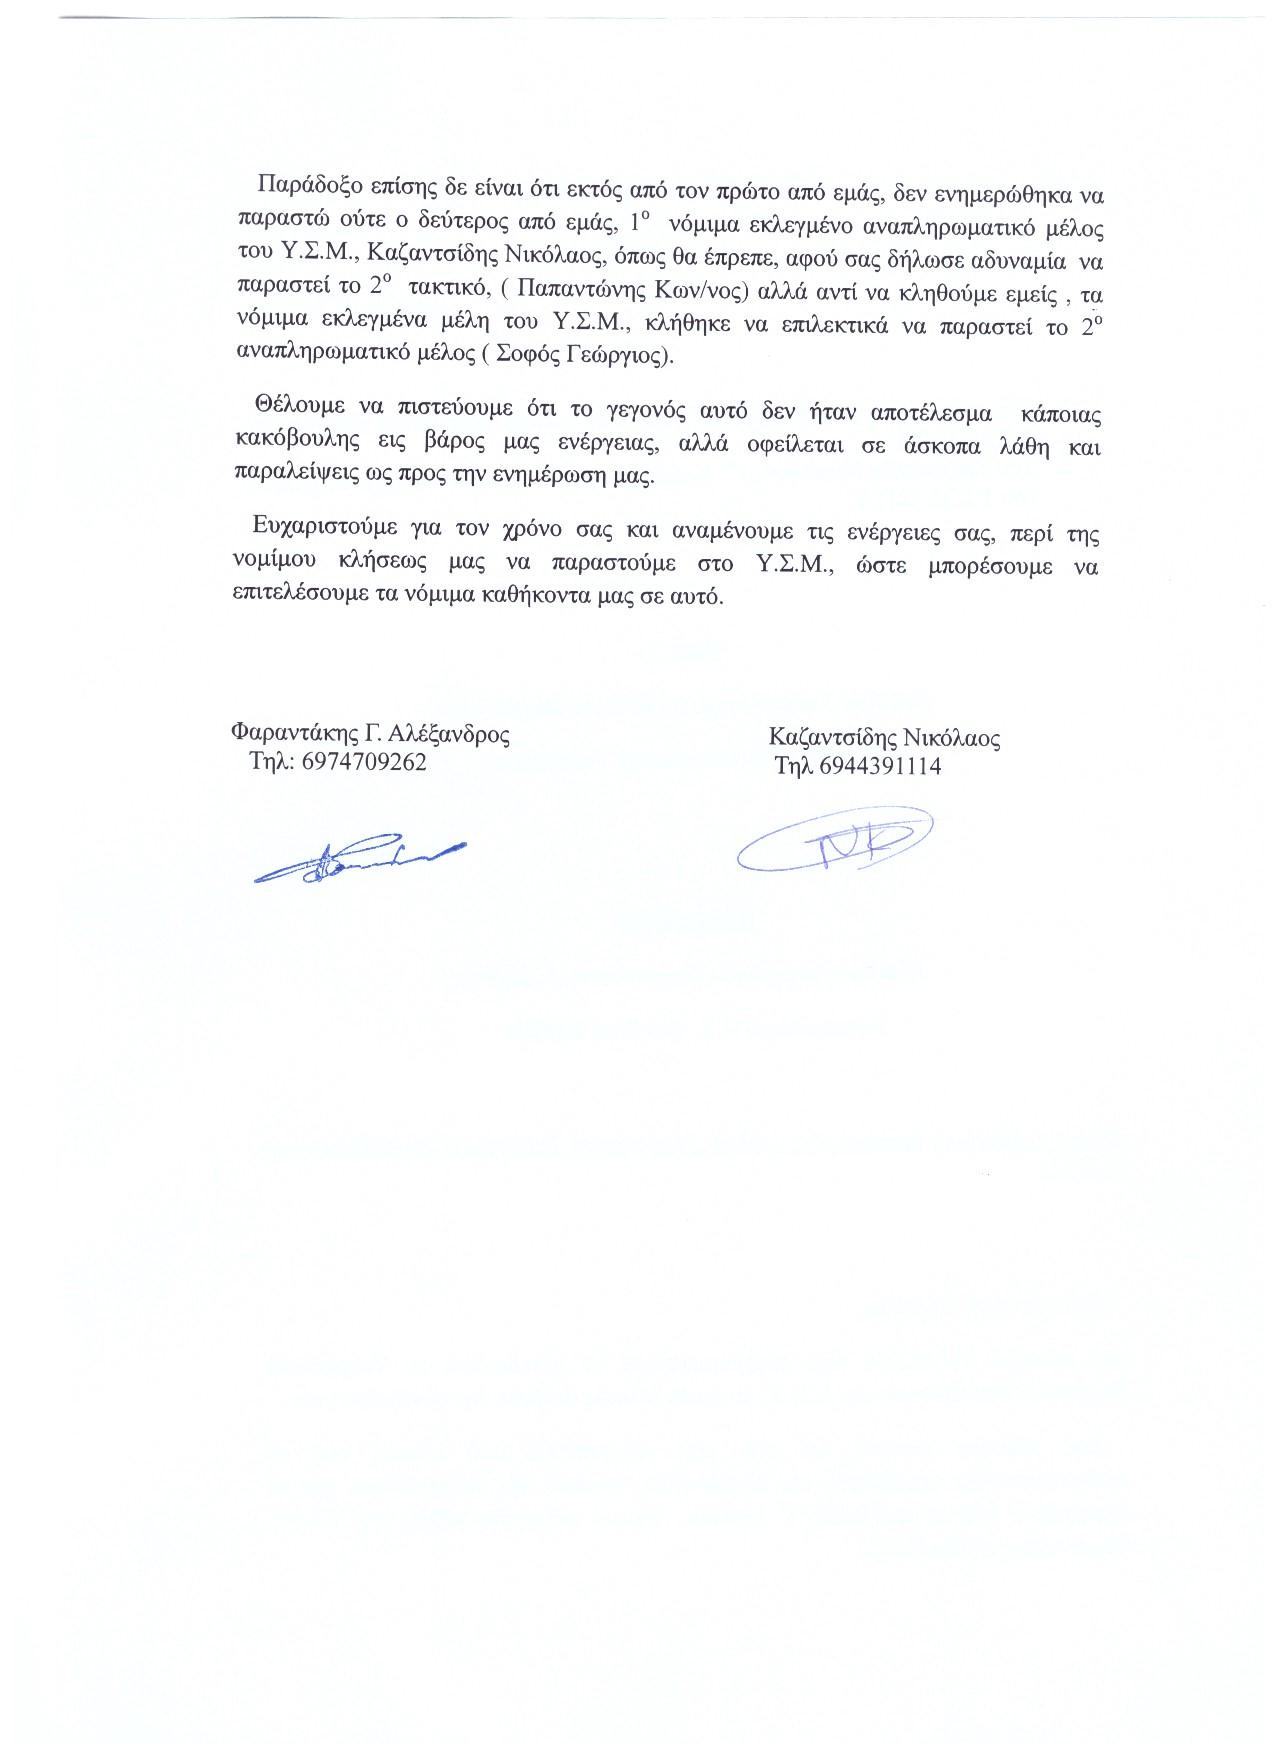 Αρ. Πρωτοκ. 1719 02.11.2016 Επιστόλη διαμάρτυριάς Φαραντάκη Καζαντσίδη 2